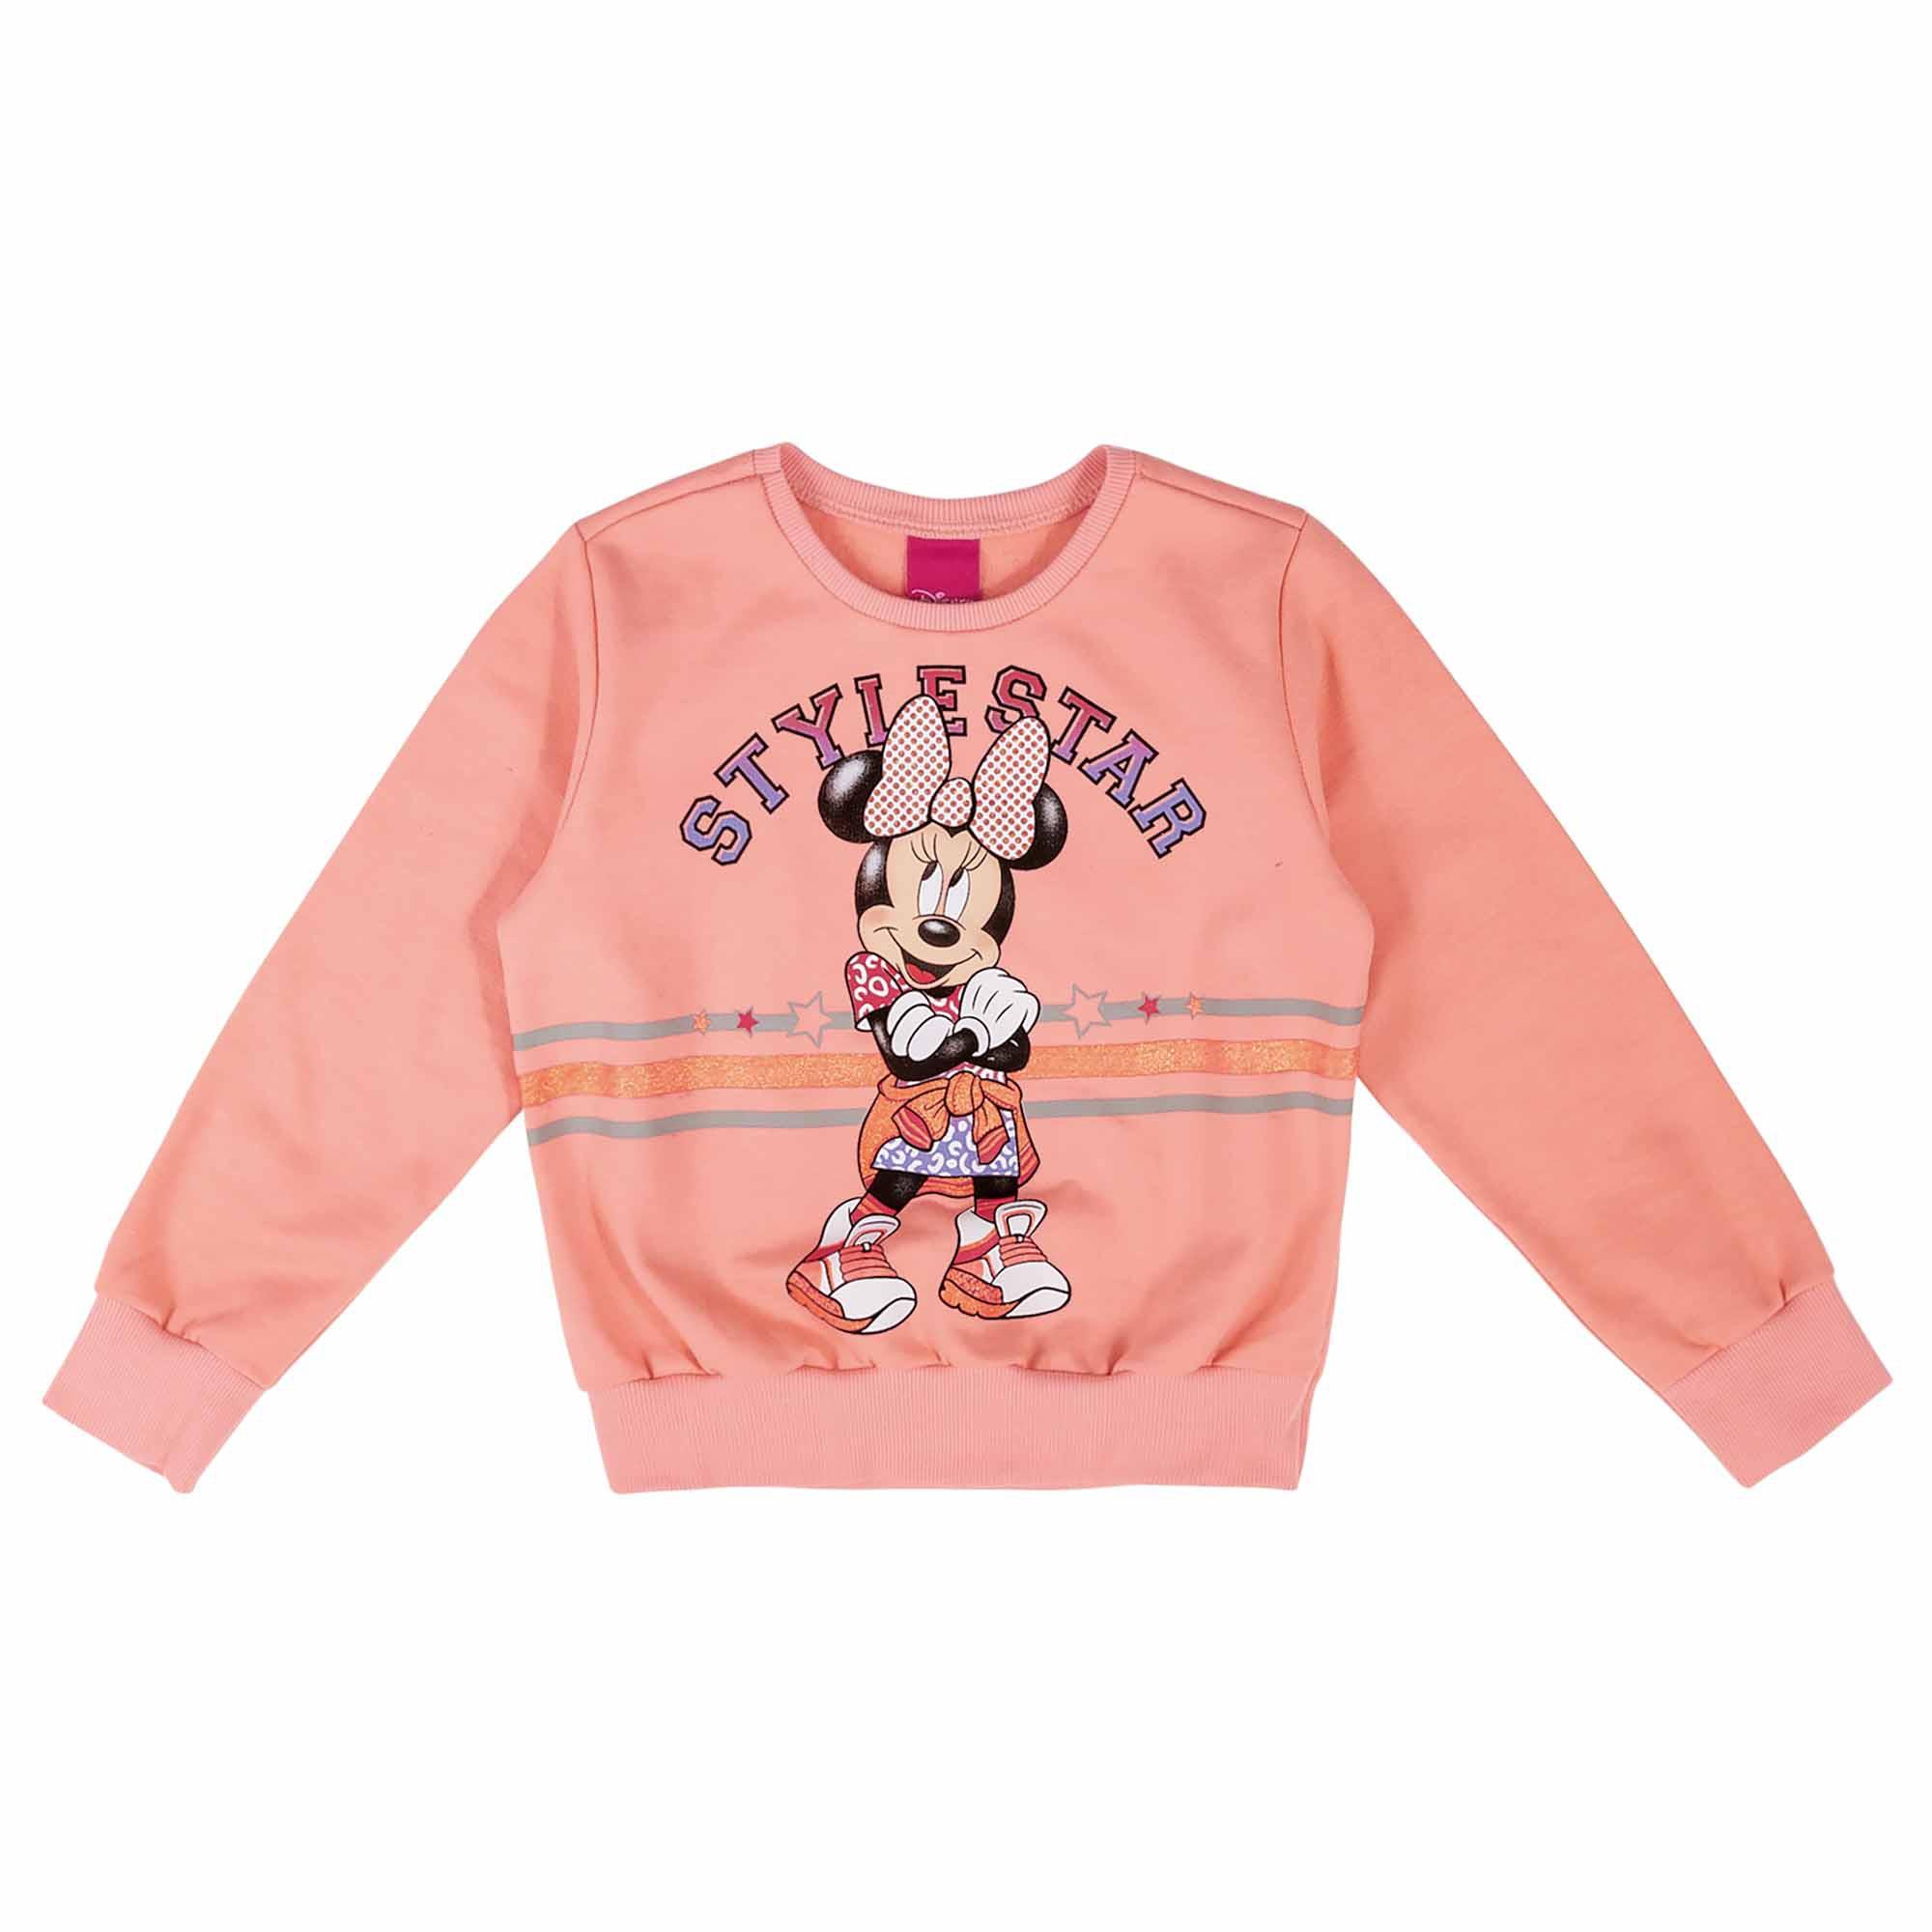 Conjunto Inverno Cativa Estampa com Neon Minnie Style Star - 4 a 8